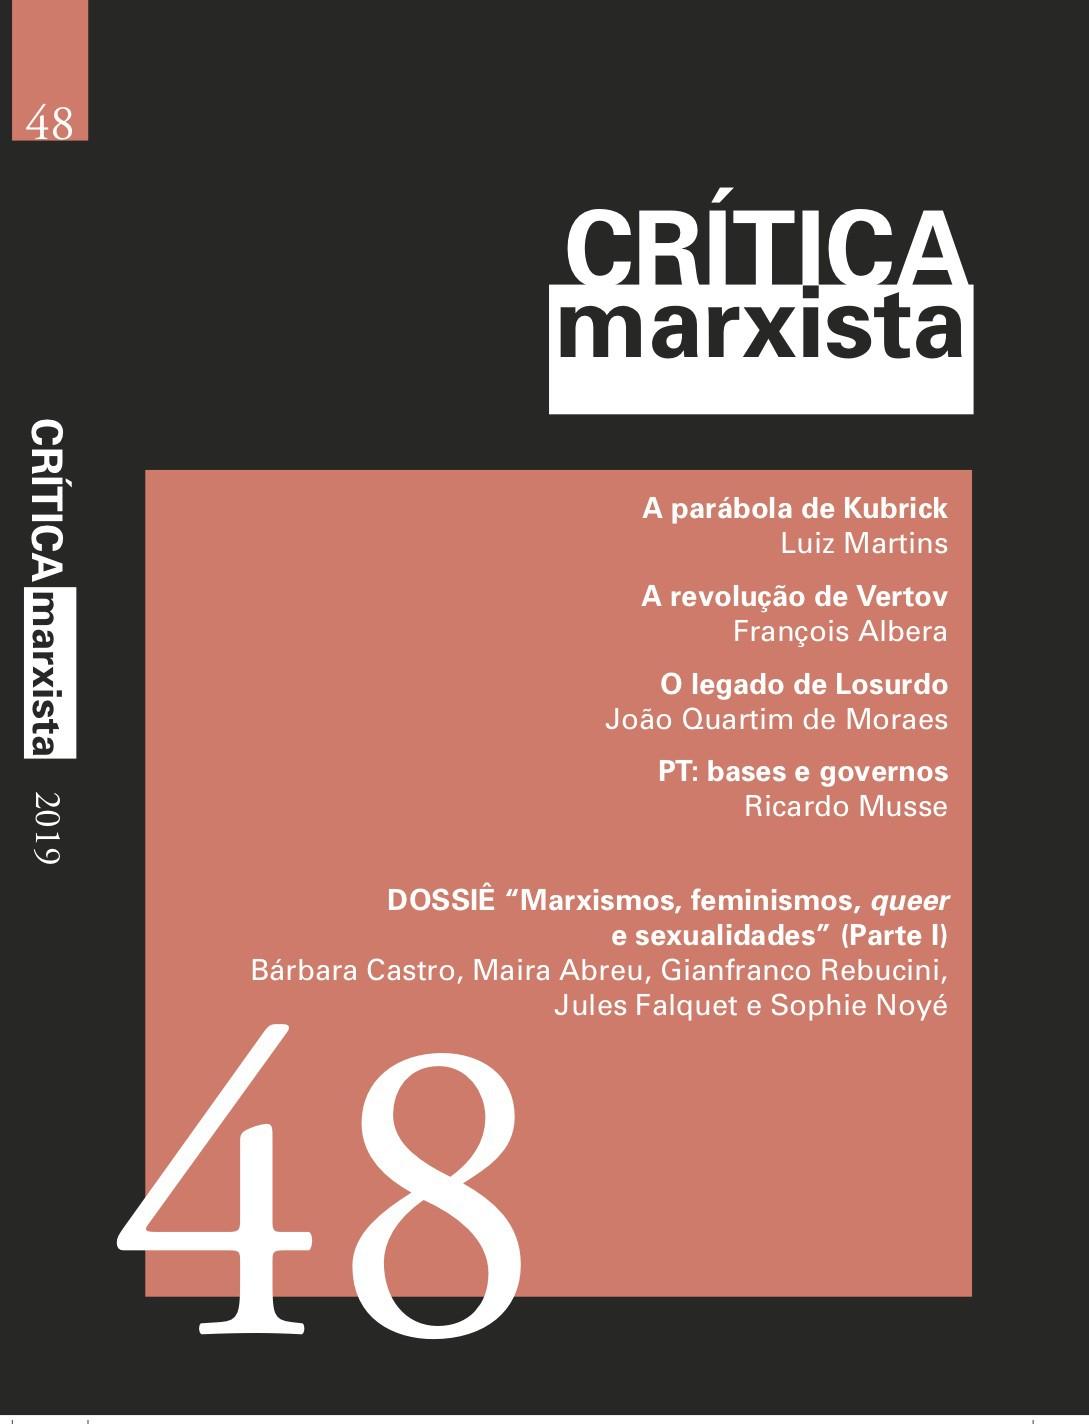 CRITICA MARXISTA - VOL. 48 - A